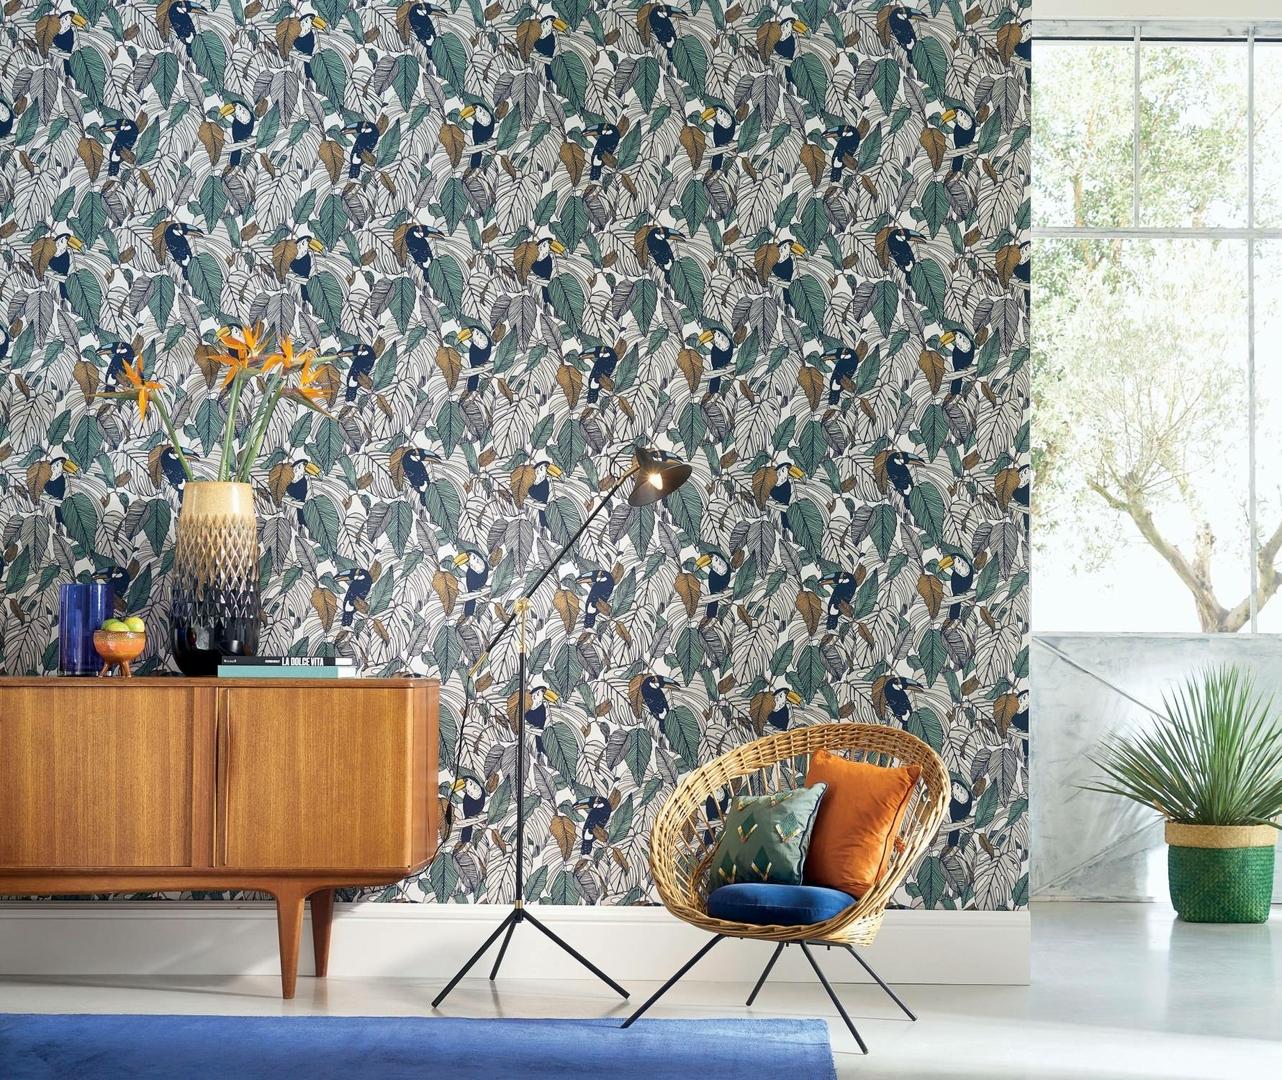 papier-peint-jungle-exotique-toucan-casamance-visuel